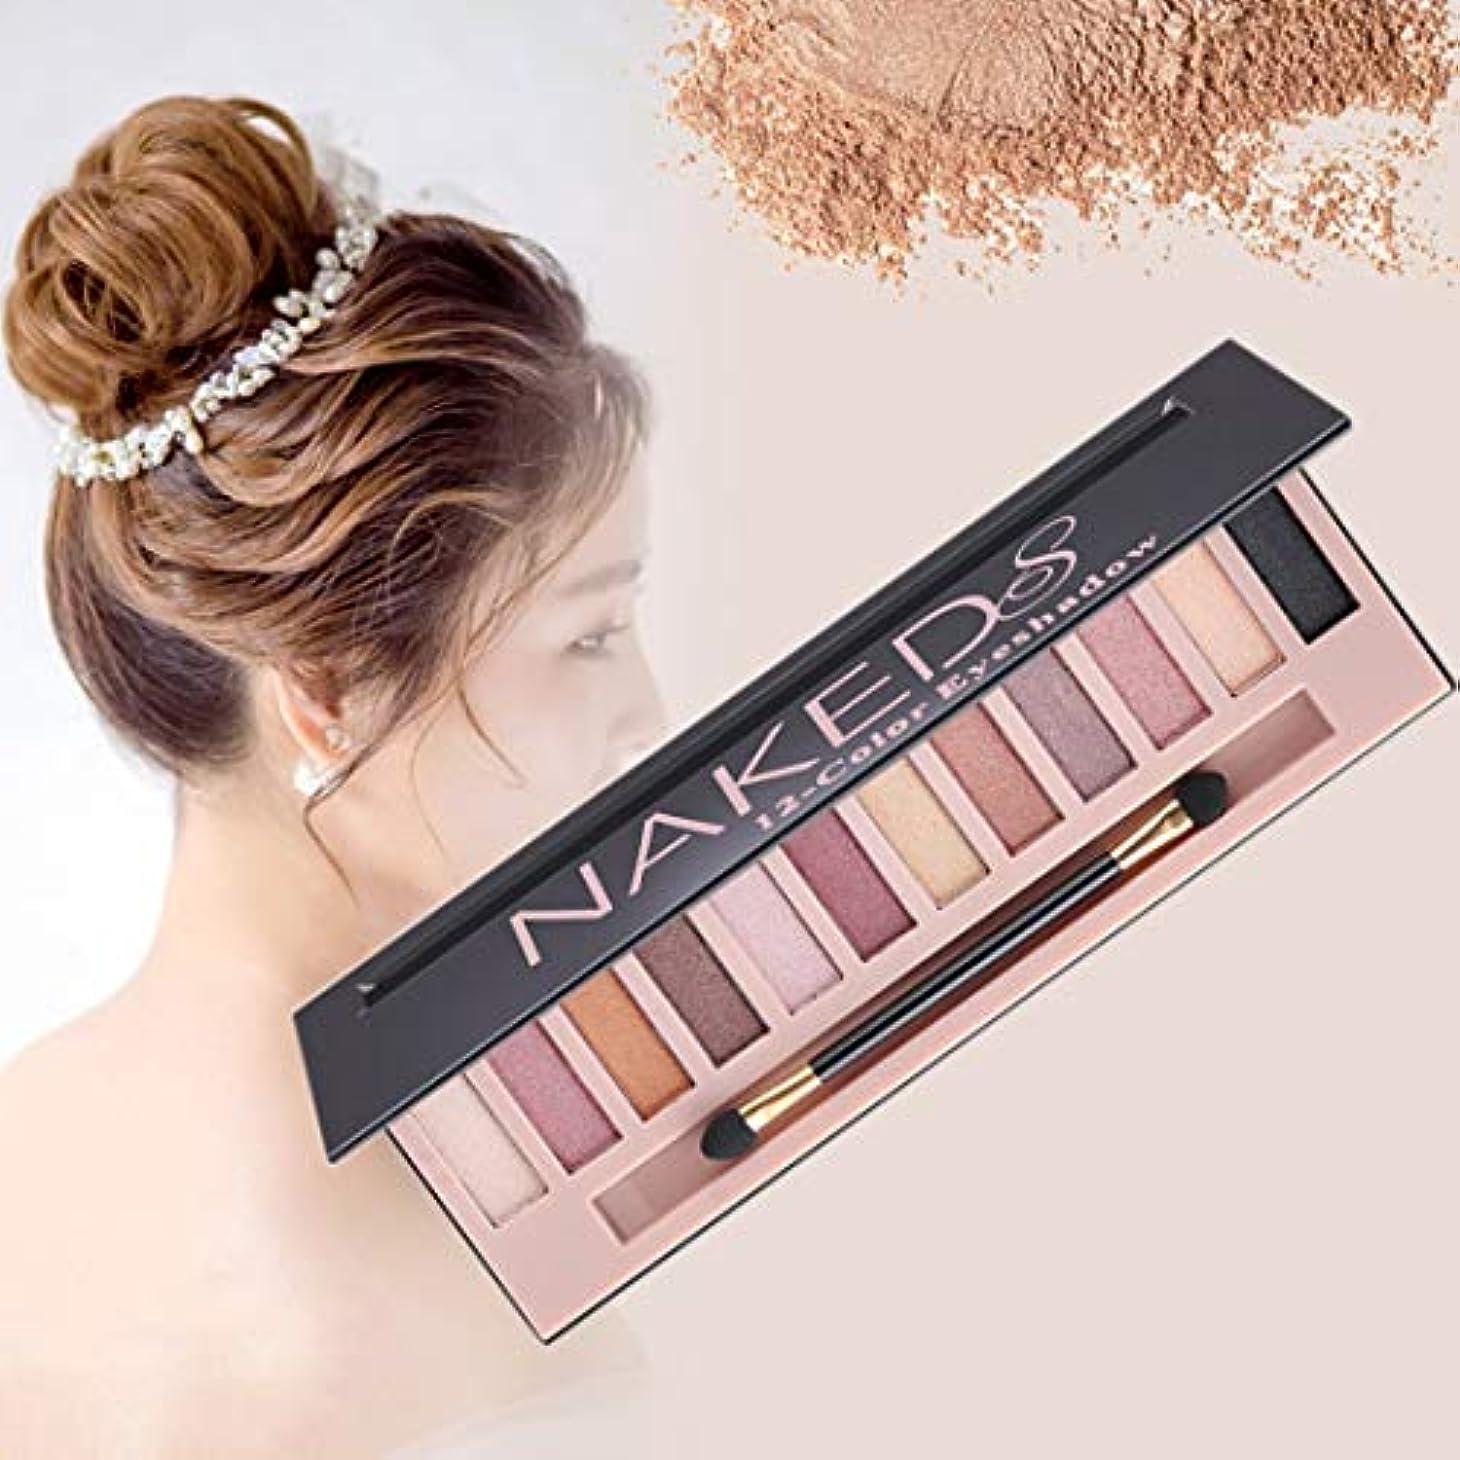 貨物成長疾患美容アクセサリー 5673化粧品12色パールスモーキーアイシャドウメイクアップパレット 写真美容アクセサリー